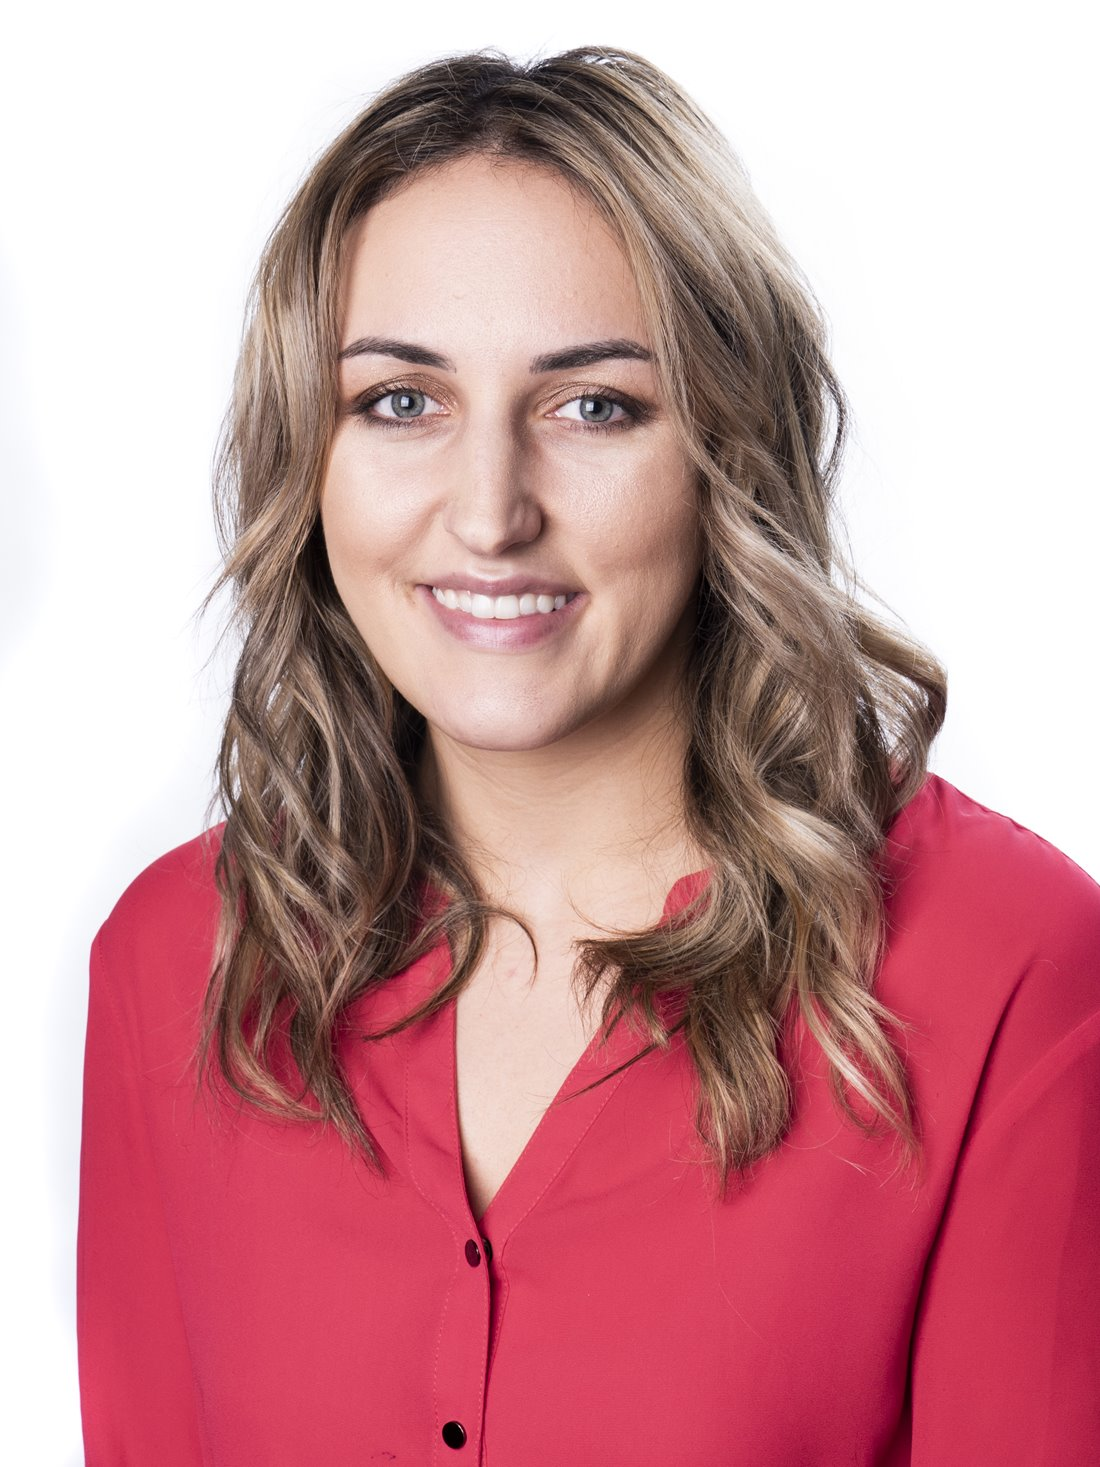 April Elsasser